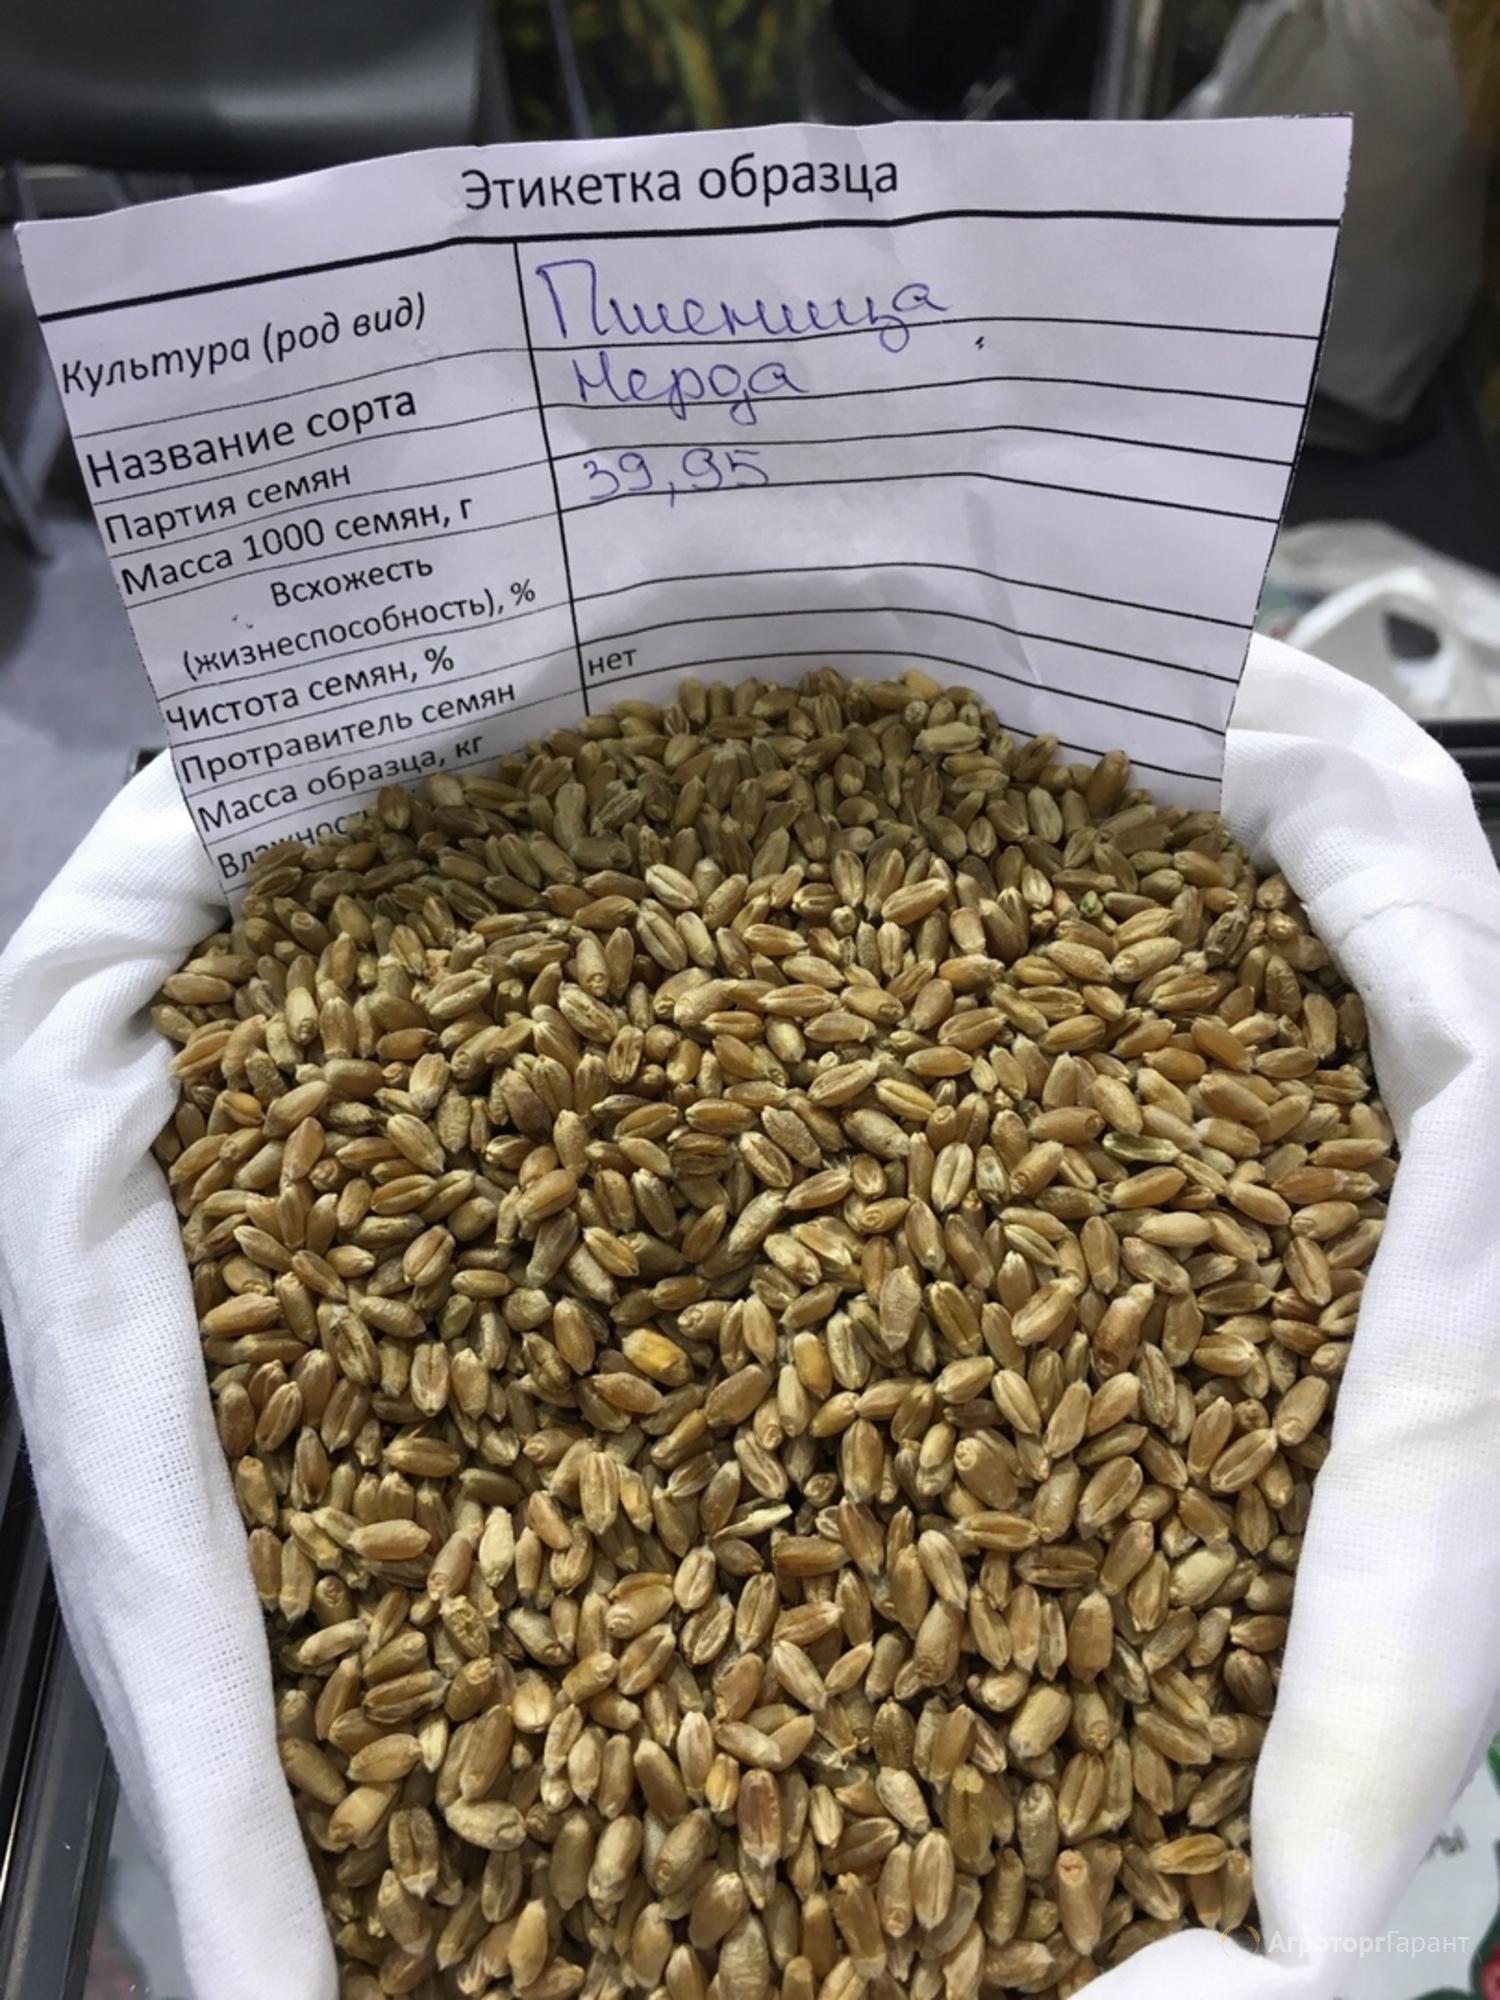 Объявление Мягкая яровая пшеница линия Lut-805 в Тюменской области